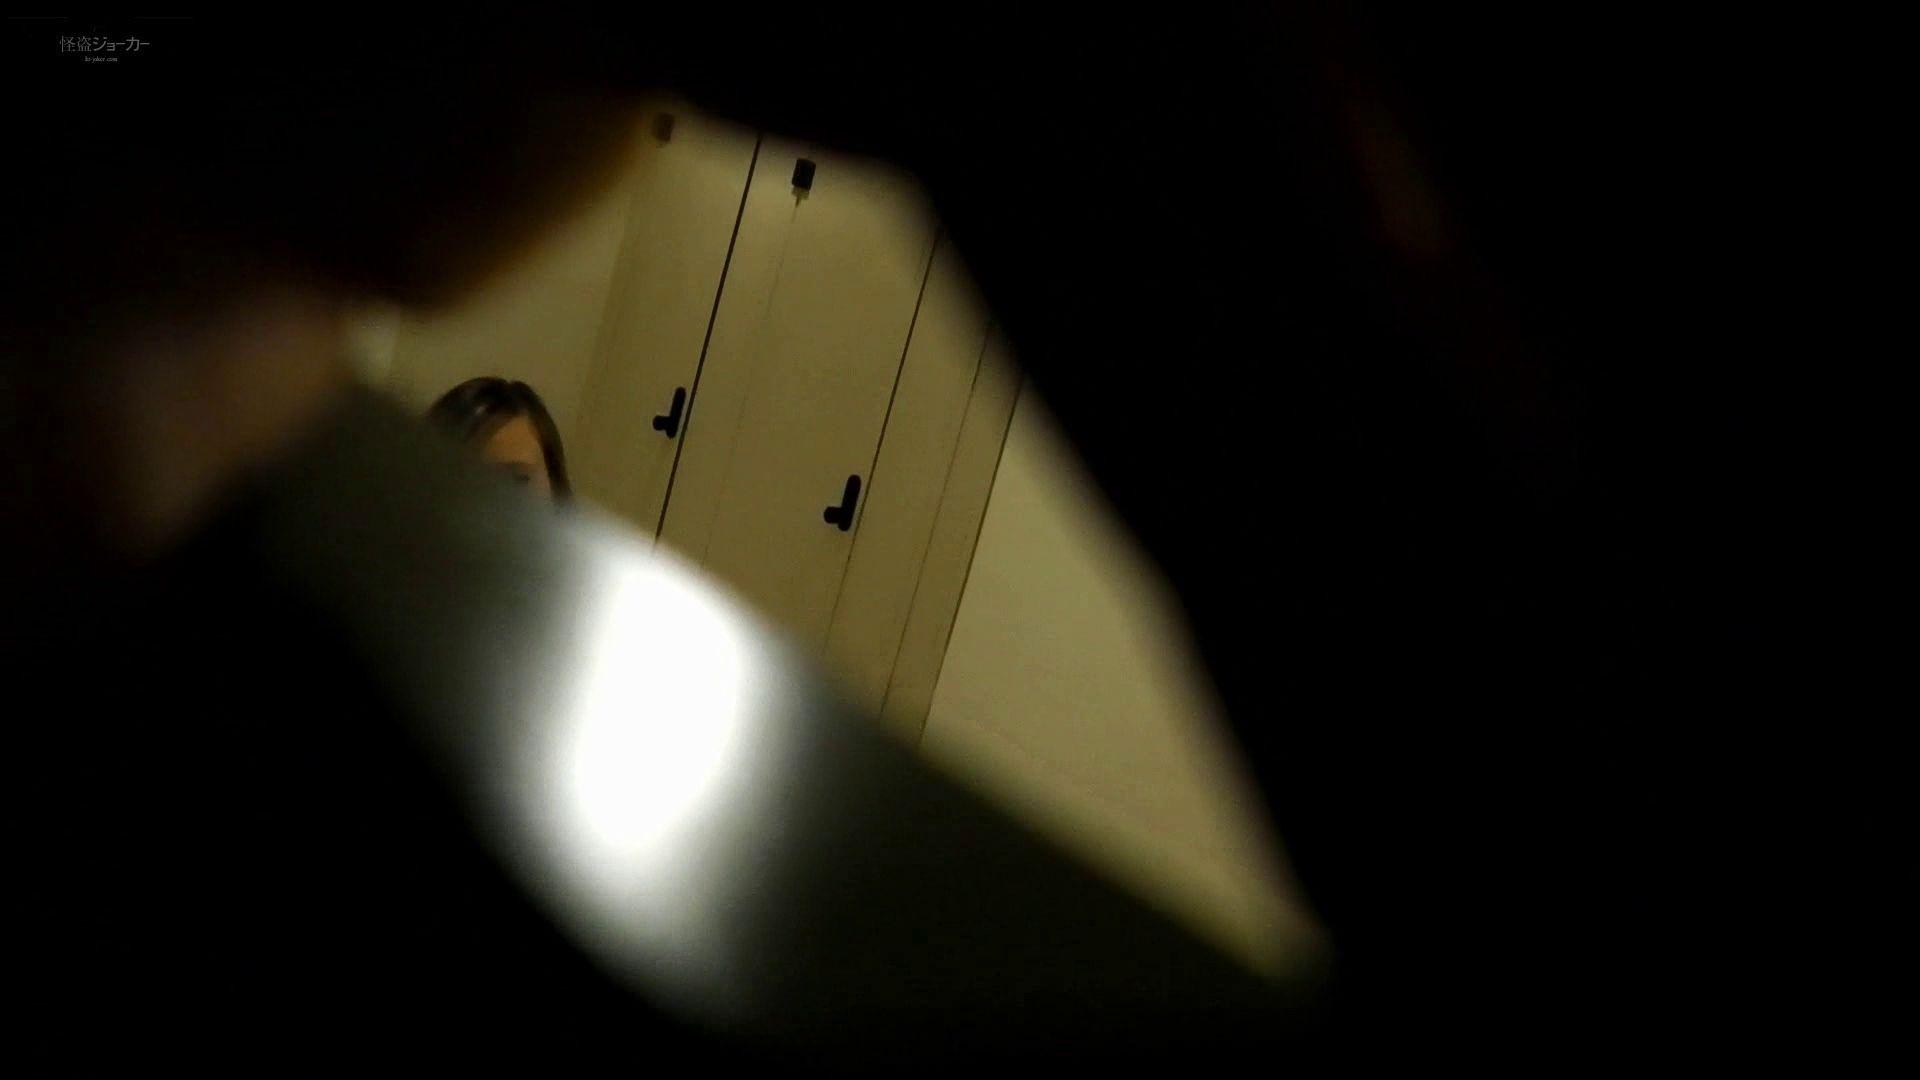 新世界の射窓 No64日本ギャル登場か?ハイヒール大特集! ギャル盗撮映像   洗面所  84PIX 33